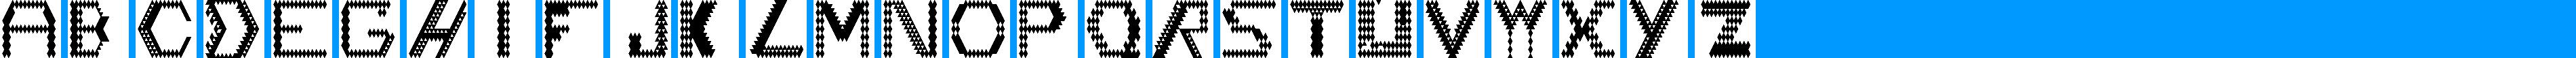 Particip-a-type v.166